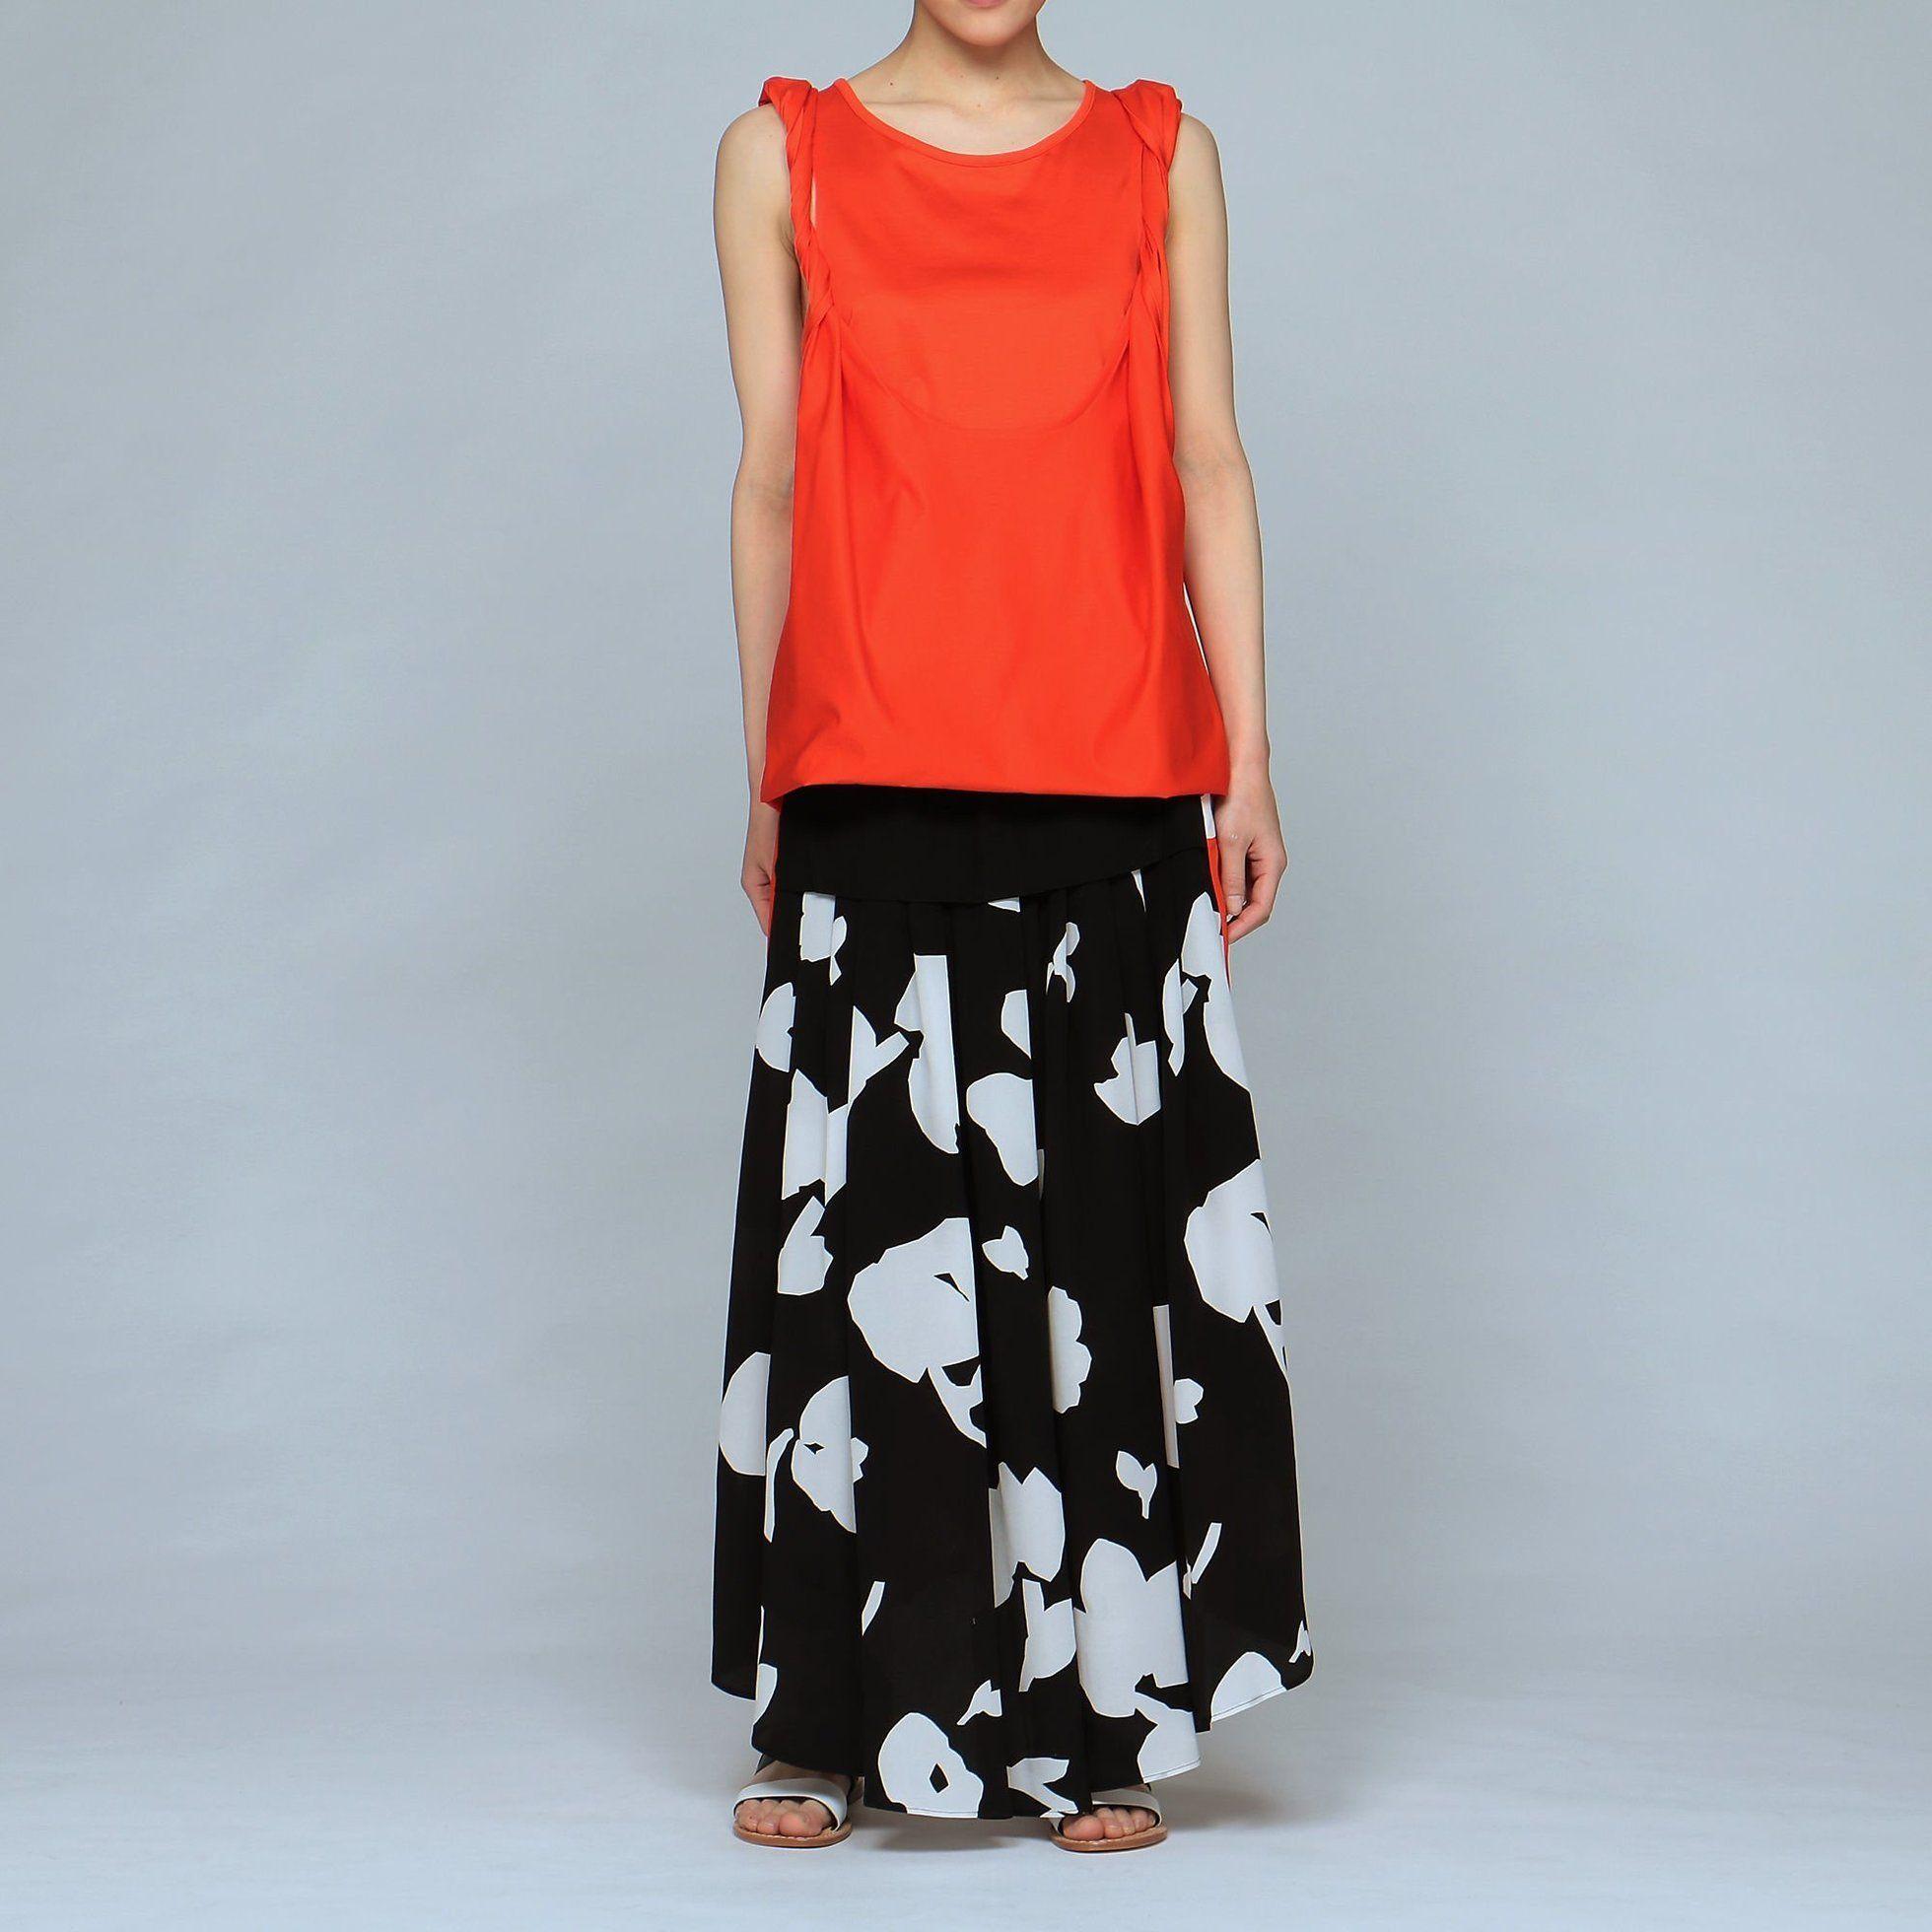 cb4821ac2ad6d 【ネヘラ/NEHERA】のtwisted shoulderstrap top レディースファッション・服の通販 founy